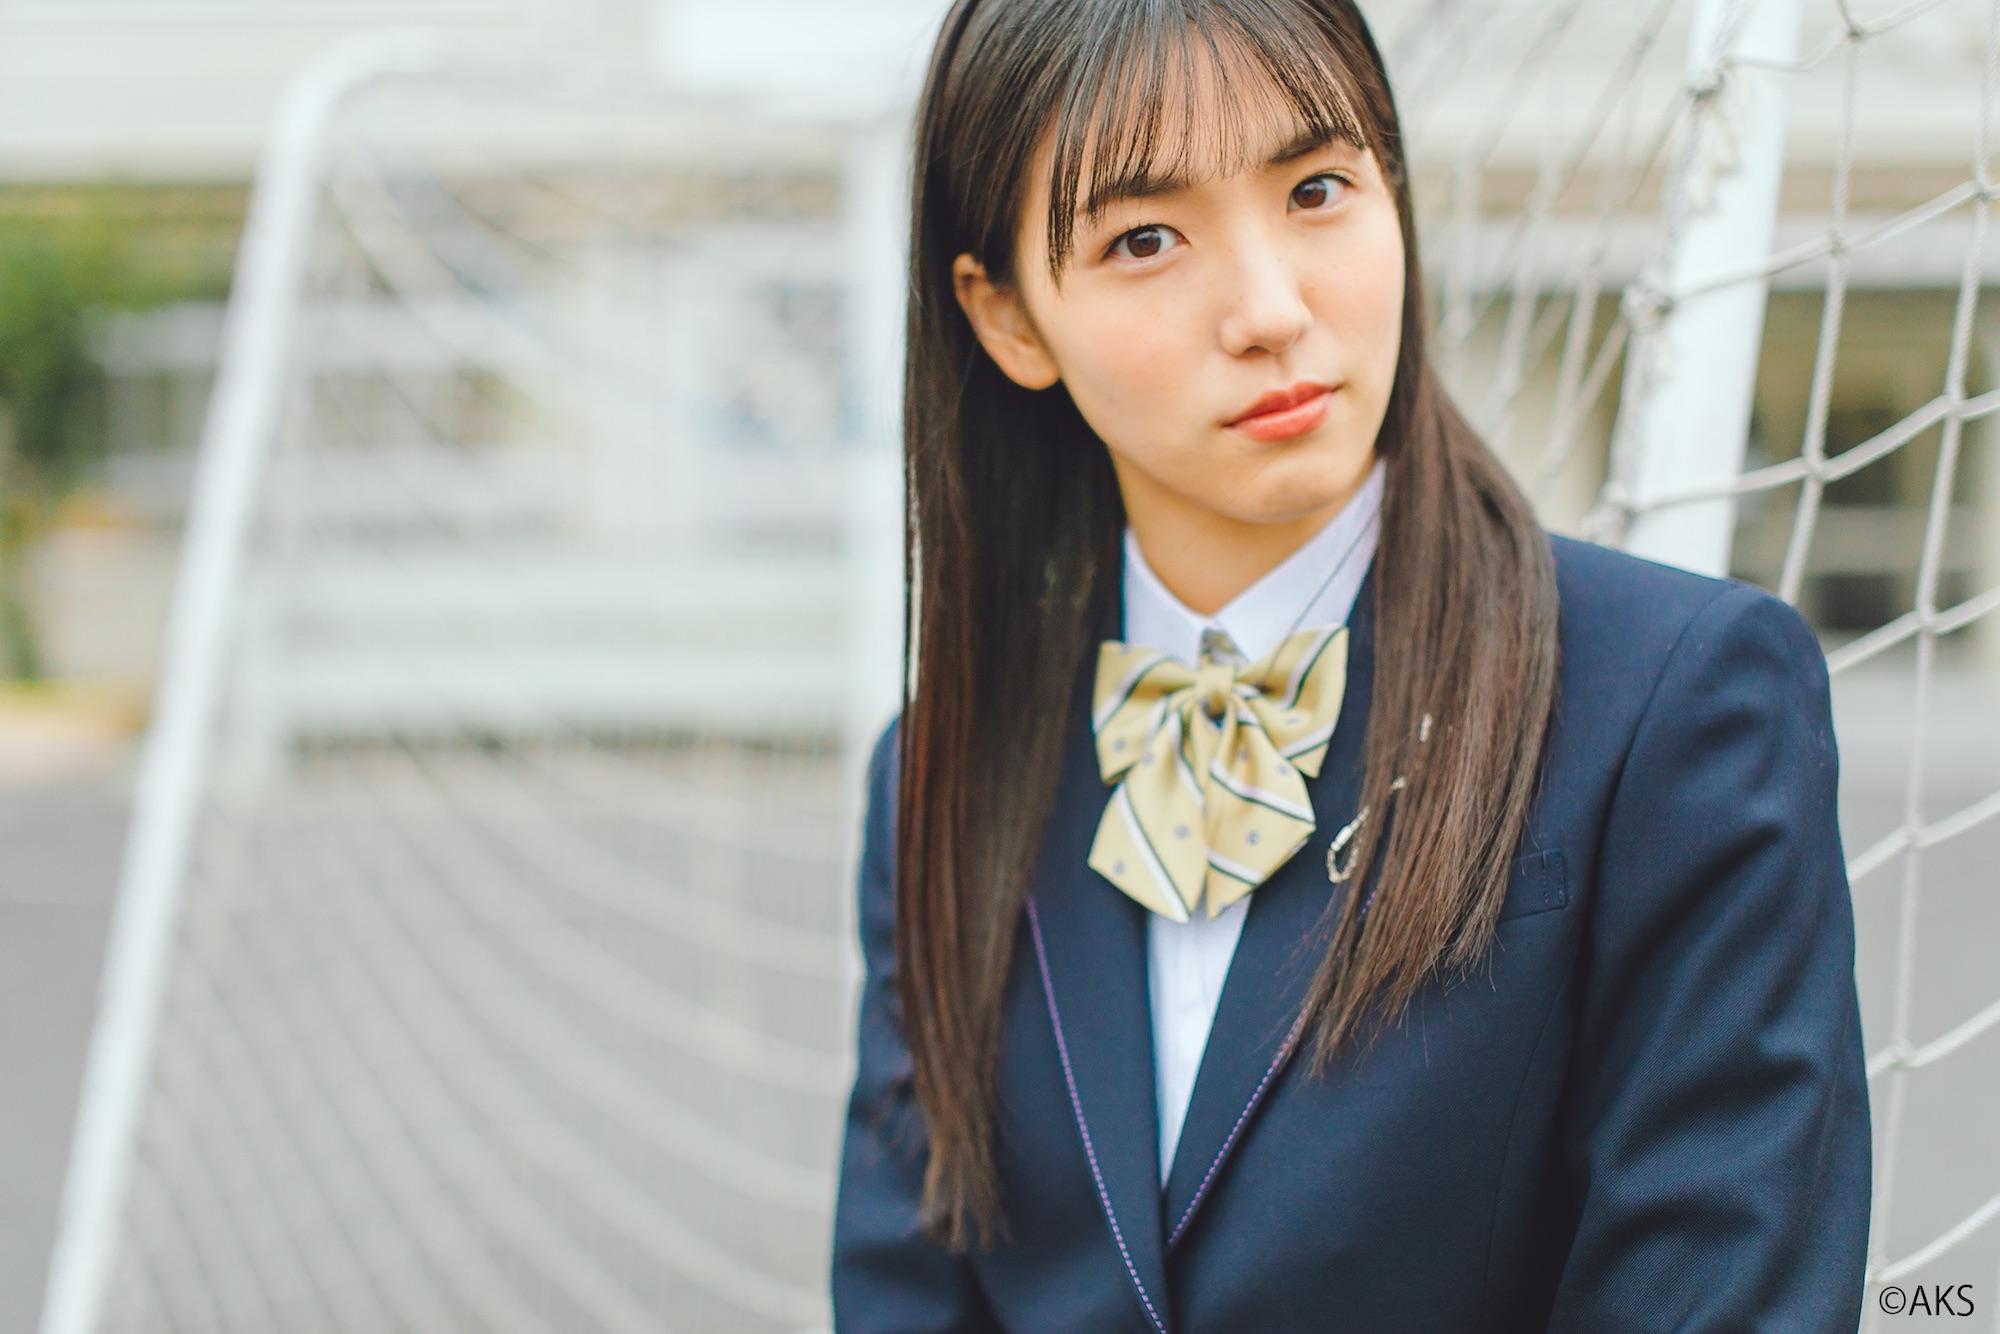 下尾みう(AKB48)、奈良育英高等学校の新制服モデル